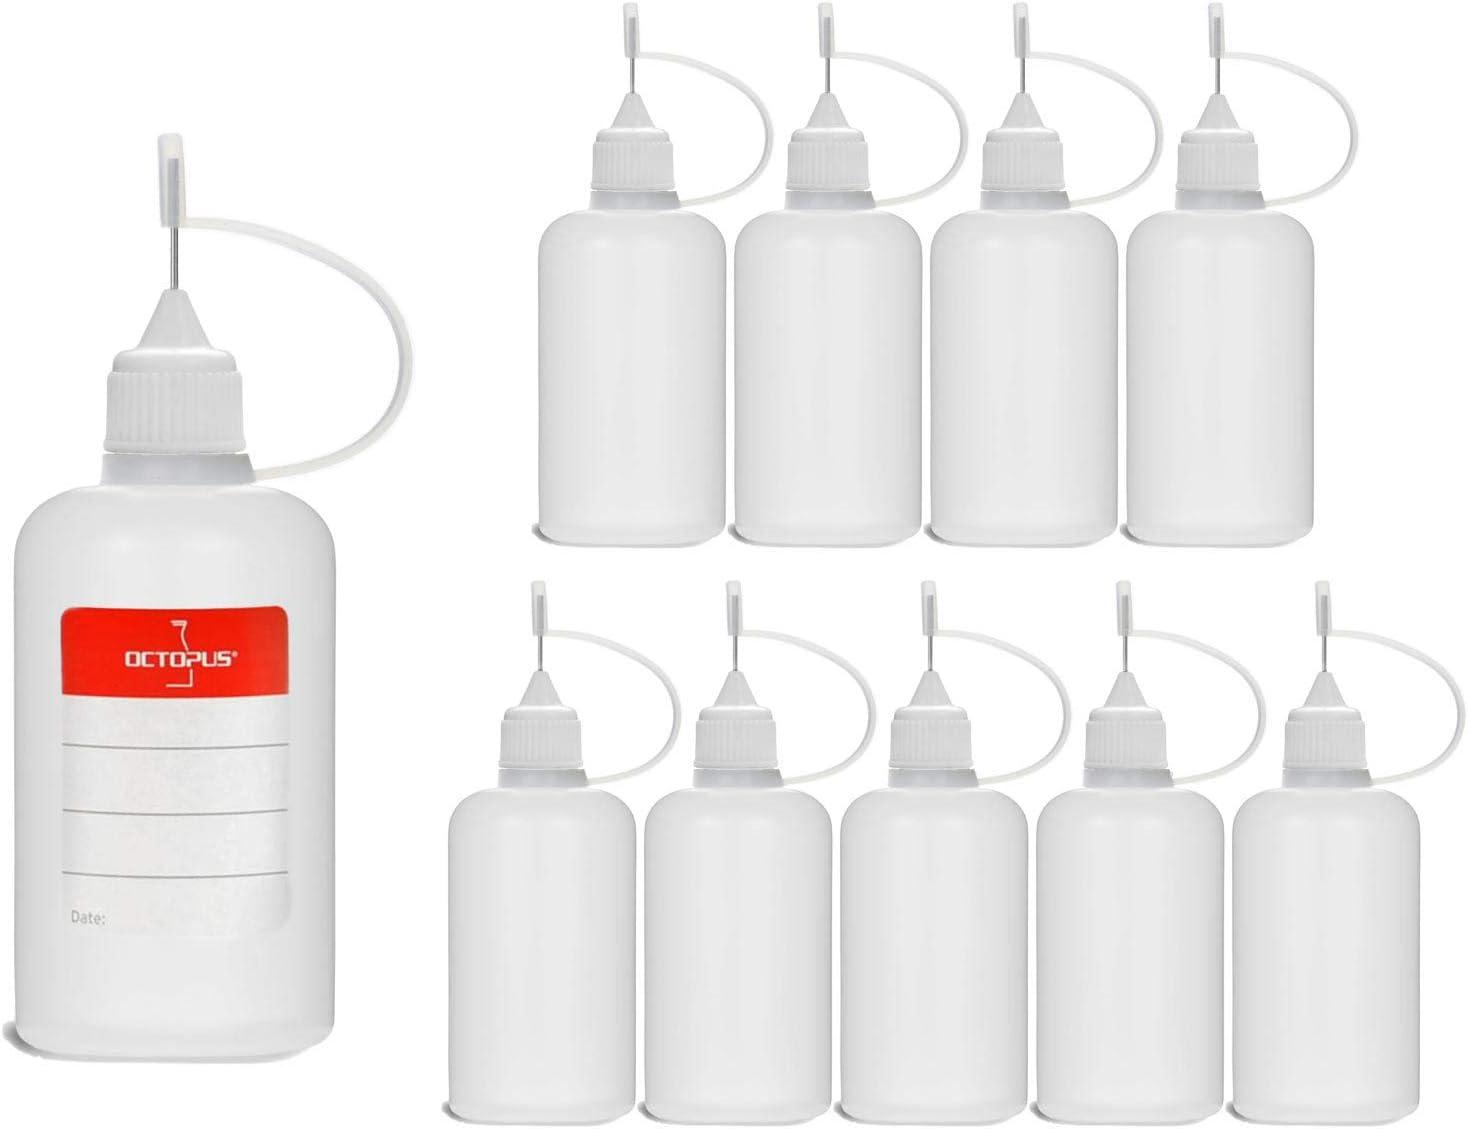 10 Botellas de recarga con aguja Octopus de 50 ml, botella para líquidos electrónicos para shishas electrónicas y cigarrillos electrónicos, aceites, tintas y pegamentos, botellas vacías de plástico LD